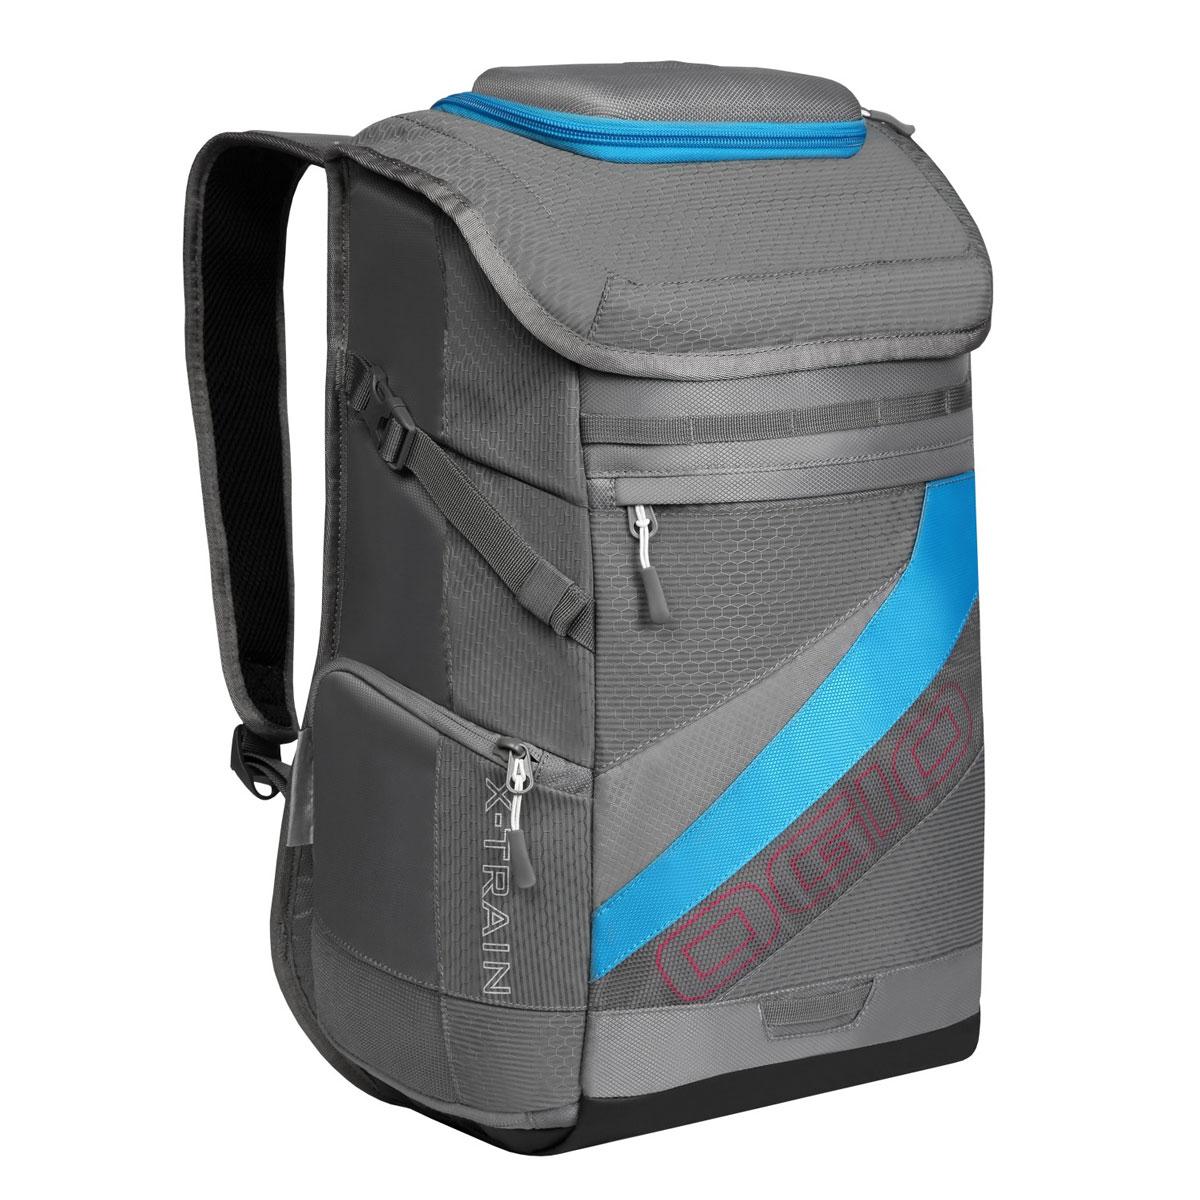 Рюкзак спортивный OGIO X-Train, цвет: серый, голубой. 112039.376468/36Спортивный рюкзак OGIO X-Train - это отличный помощник в вашей жизни. Он отлично подойдет для занятия спортом, фитнессом, туризмом, и для повседневной носки. Особенности: Удароустойчивый армированный карман.Отстегиваемая внешняя лямка для крепления шлема.Боковые ремешки для крепления полотенец или ковриков.Специальный отдел для хранения сухой/мокрой одежды или обуви в режиме тренировки или для iPad в режиме обучения.Высокопрочные и легкие материалы.Перегородка отделяет основное отделение от отделения для мокрой/сухой одежды или обуви.Особое покрытие отделения для мокрой/сухой одежды или обуви облегчает чистку.Эргономичные, регулируемые плечевые лямки, подбитые мягким материалом.Устойчивая к трению брезентовая основа.Встроенный полноразмерный карман для бутылки.Регулируемый нагрудный ремень.Объем: 23 л.Материал: Кросс-добби 420D, гекс-рипстоп 210D.